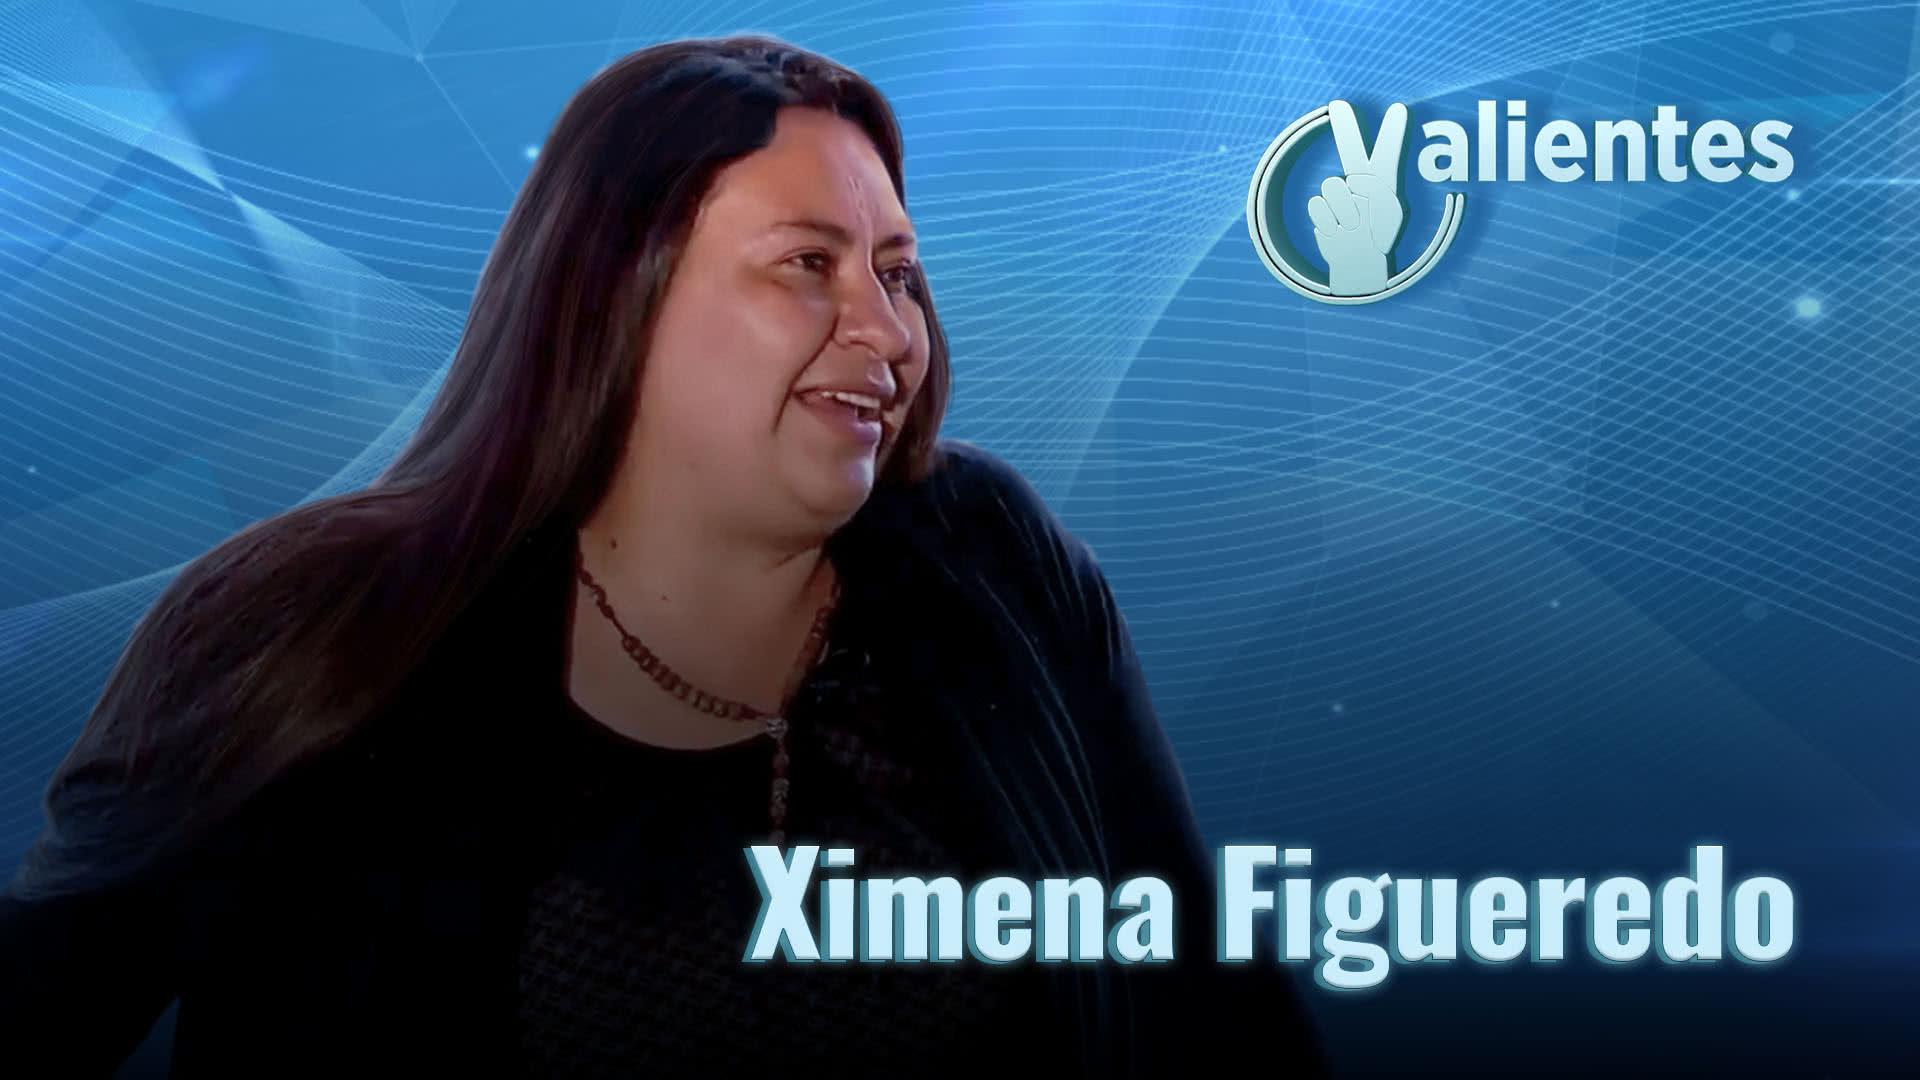 Ximena, una mamá valiente y ejemplar que vence limitaciones